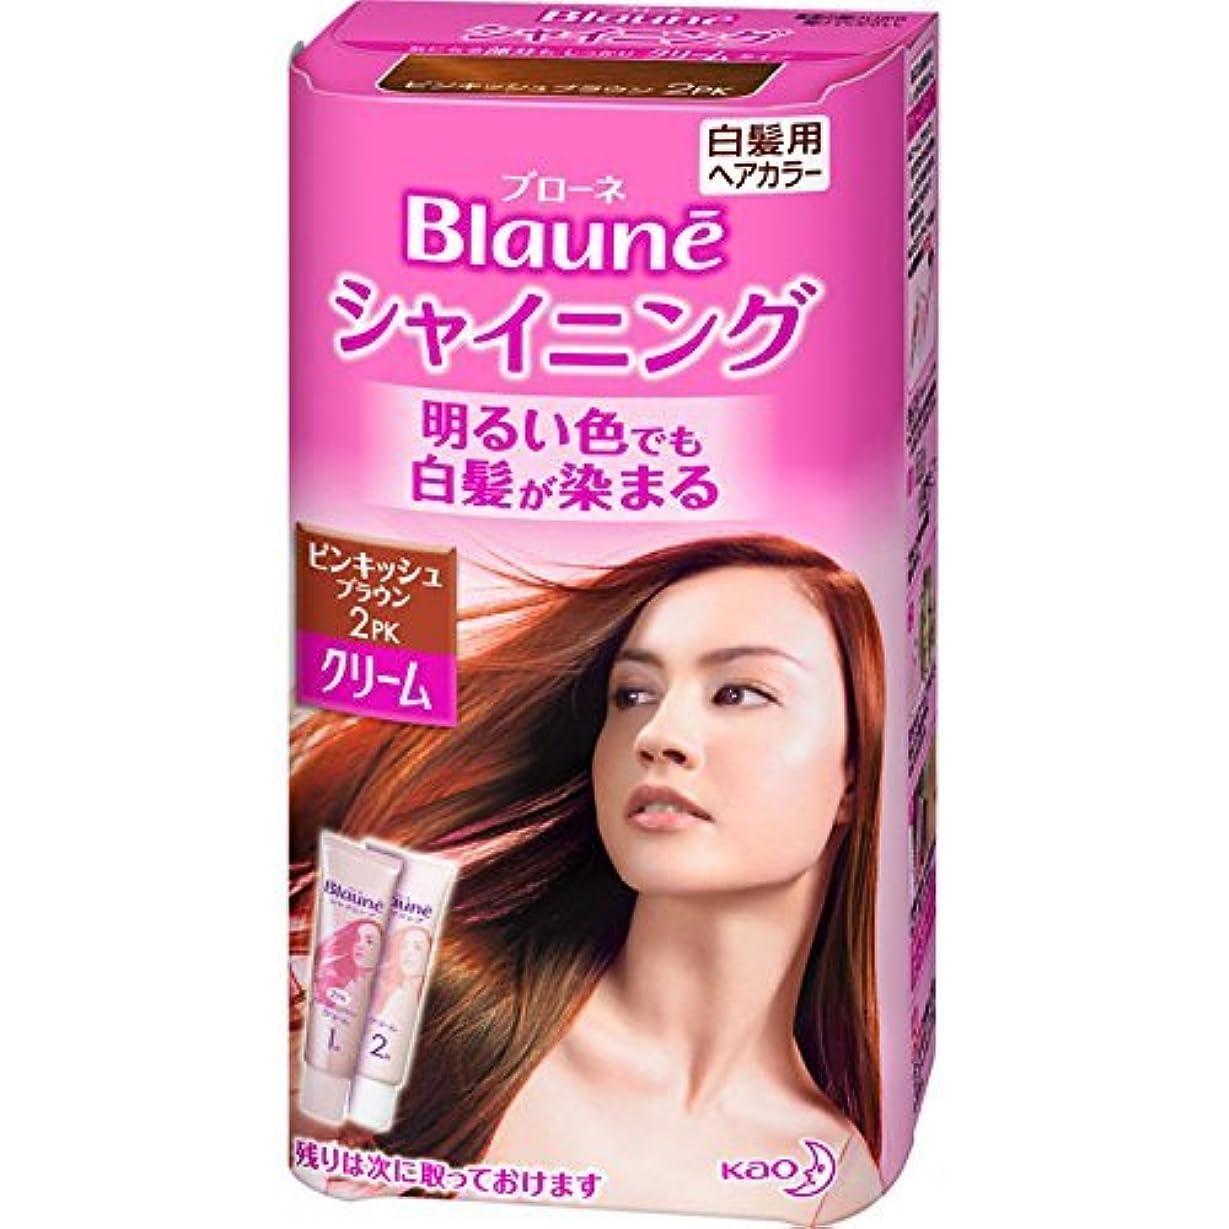 楽な事業すべて花王 ブローネ シャイニングヘアカラー クリーム 2PK 1剤50g/2剤50g(医薬部外品)《各50g》